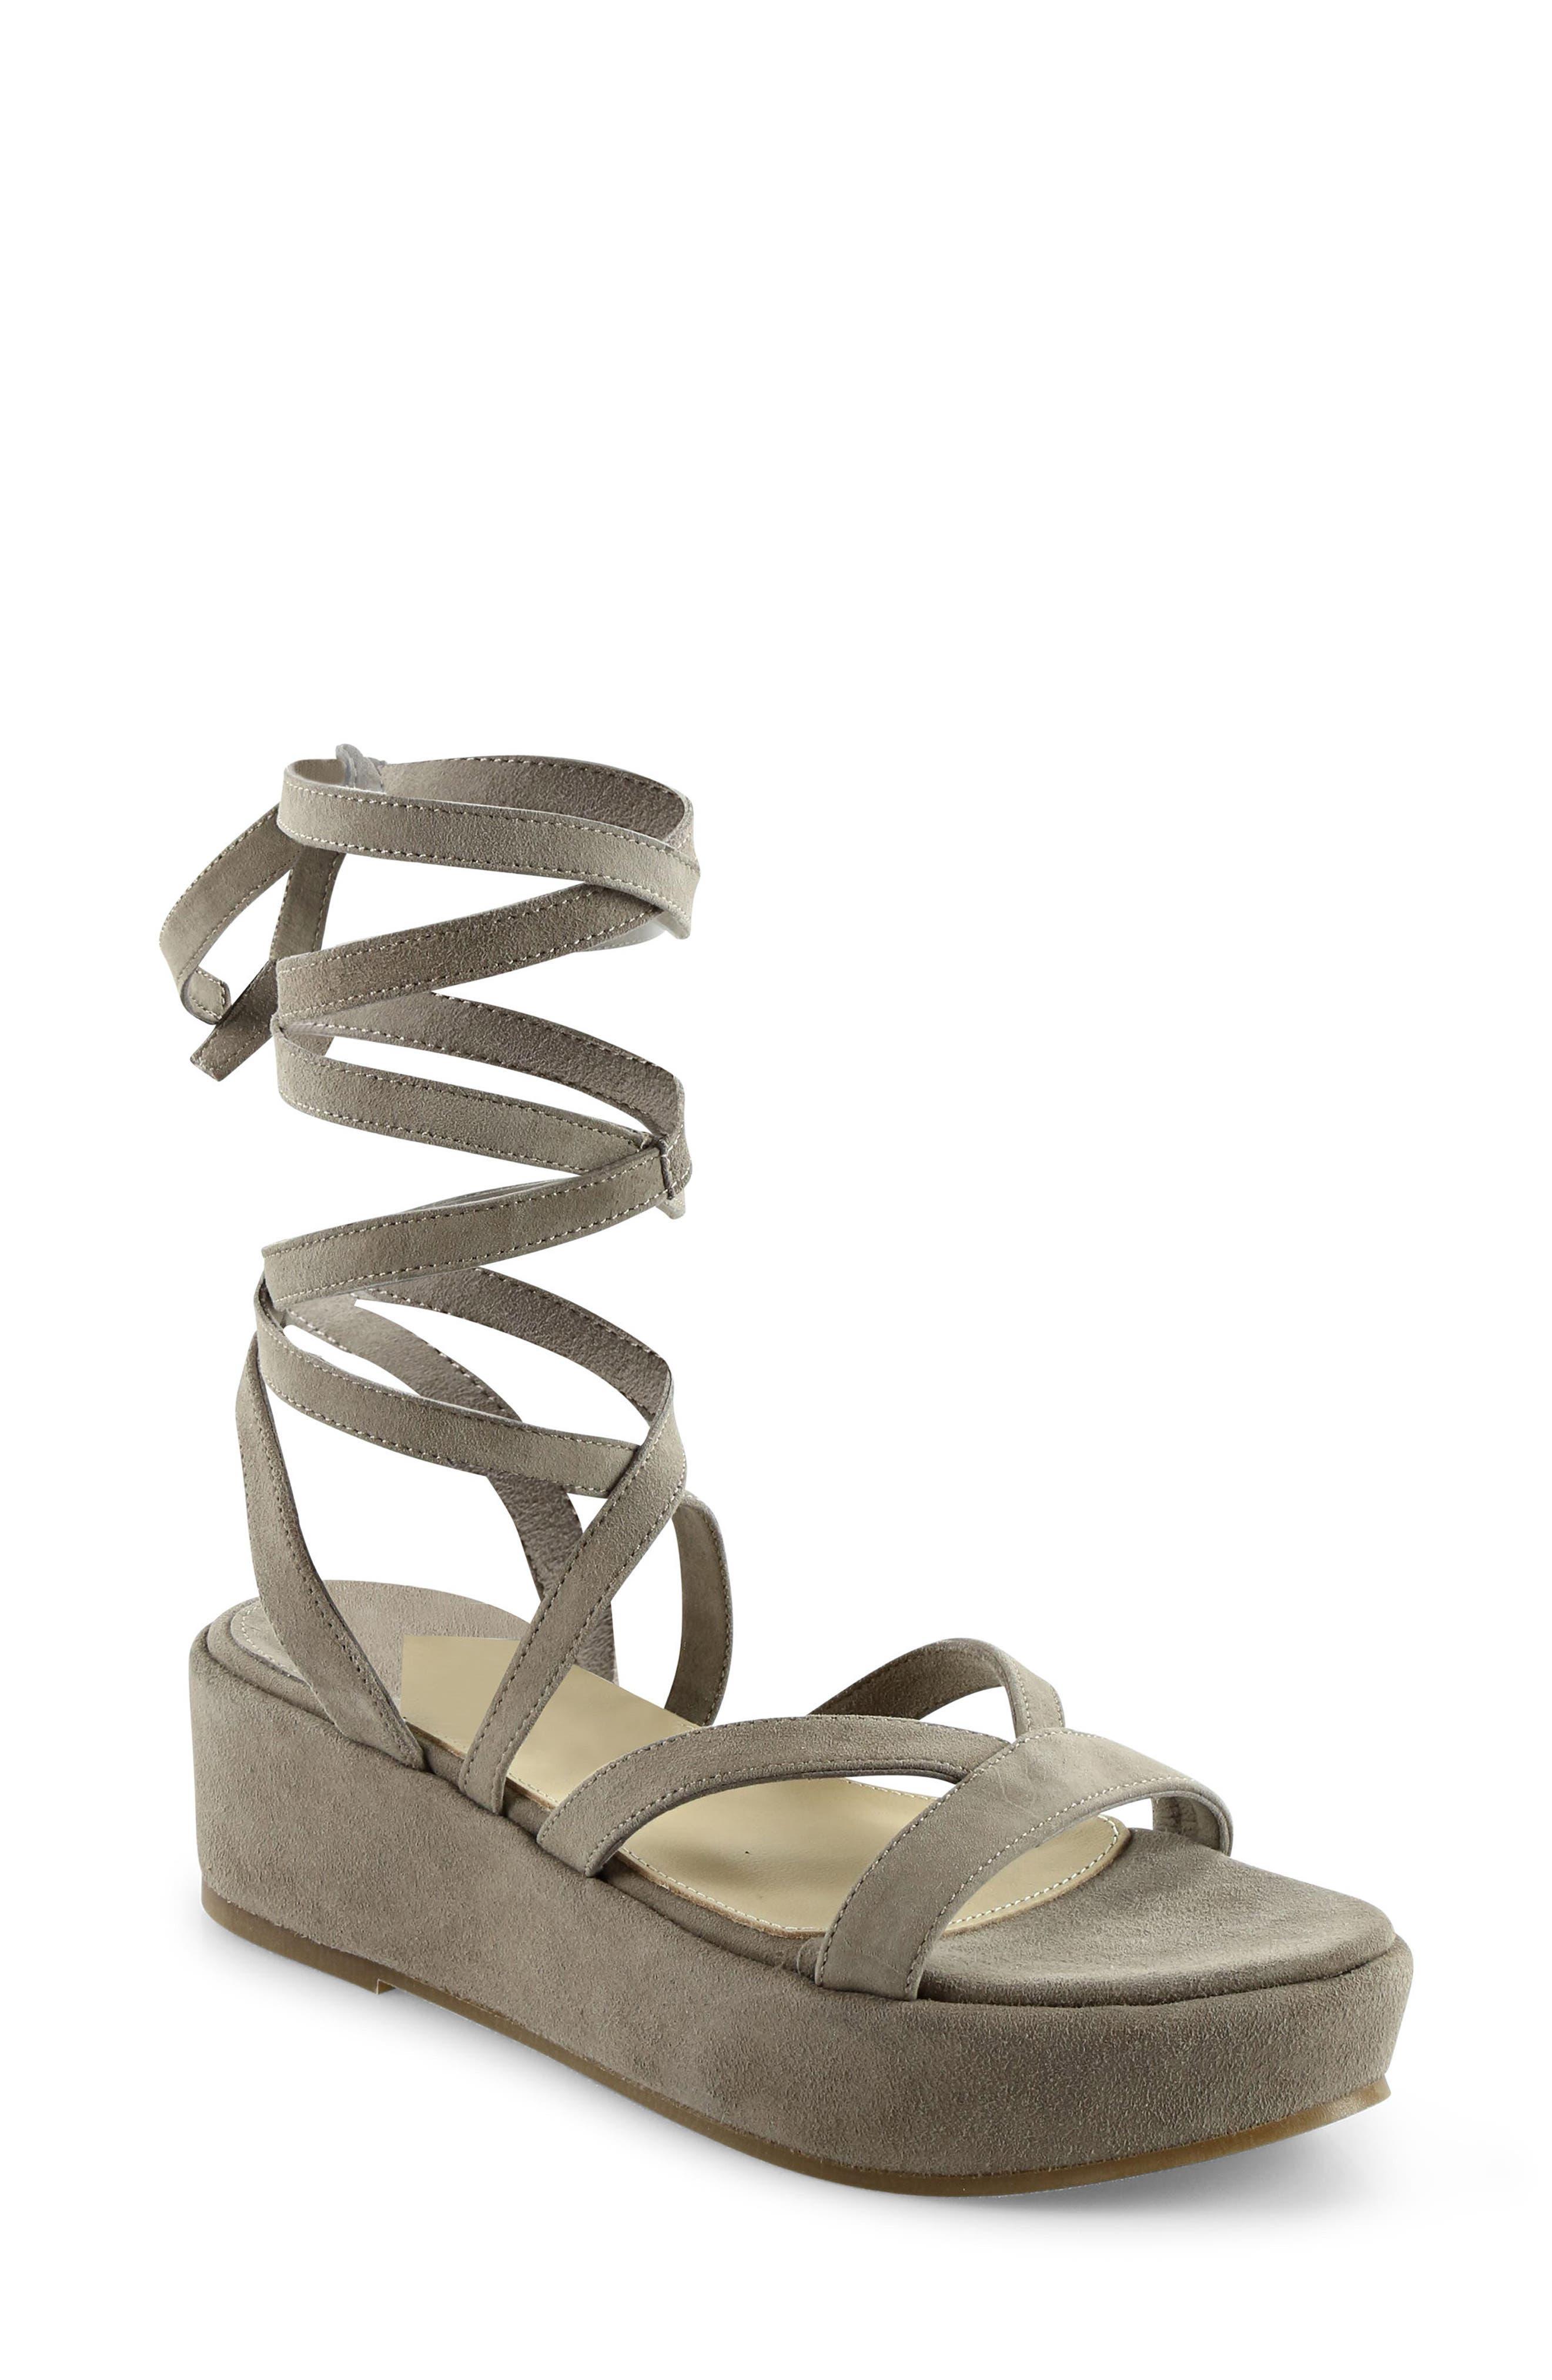 Keri Gladiator Platform Sandal,                         Main,                         color, Camel Suede